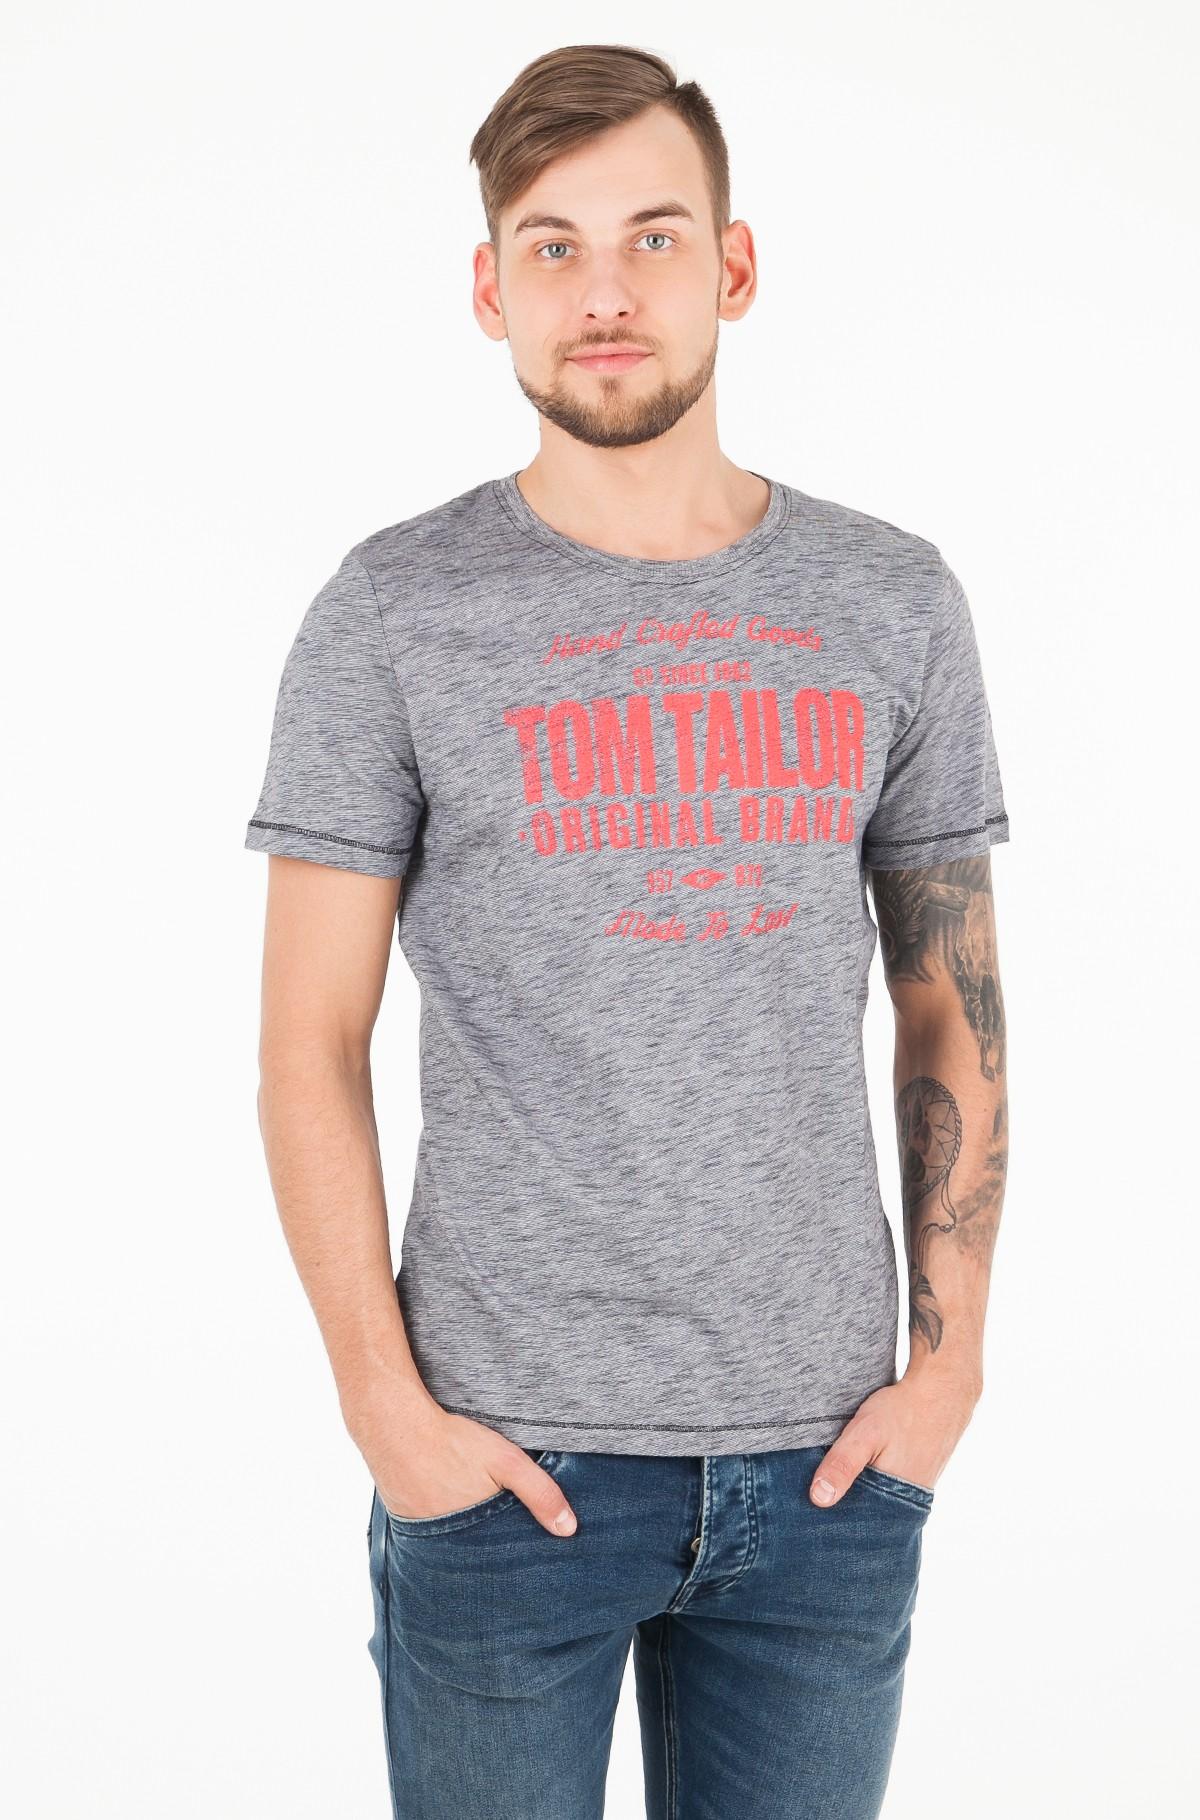 T-shirt 1055285.09.10-full-1